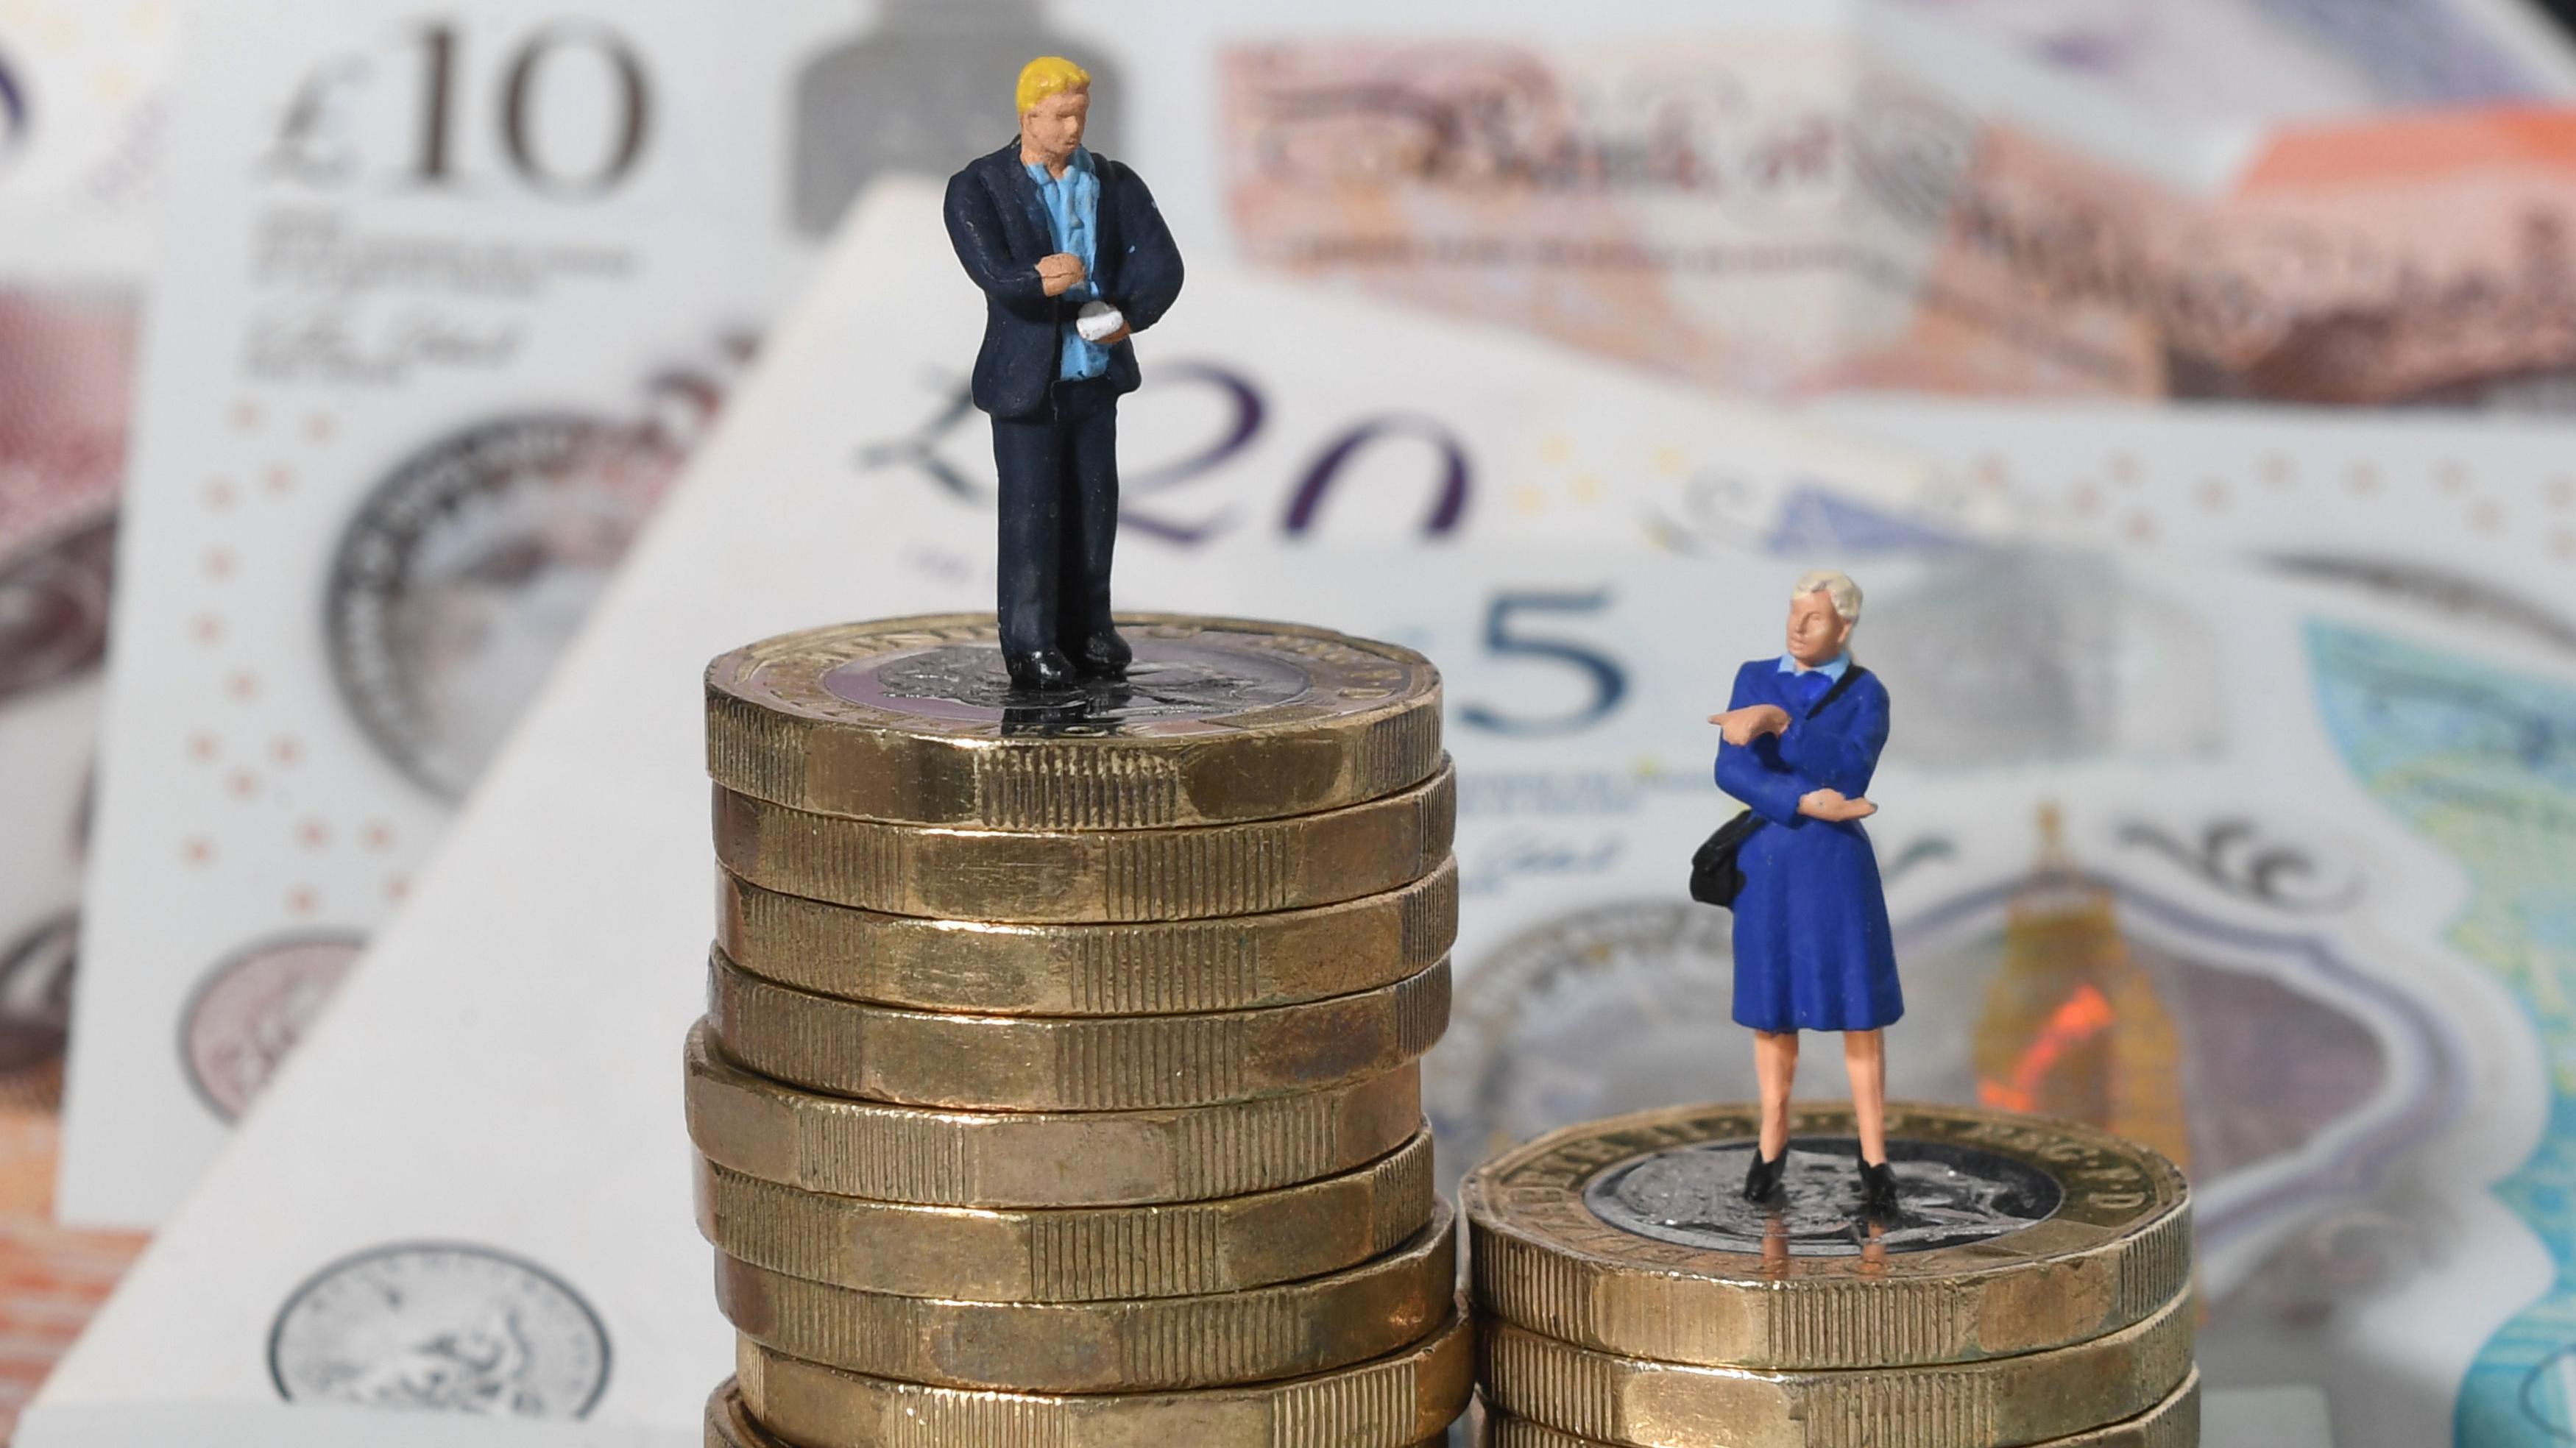 Frauen verdienen noch deutlich weniger als Männer